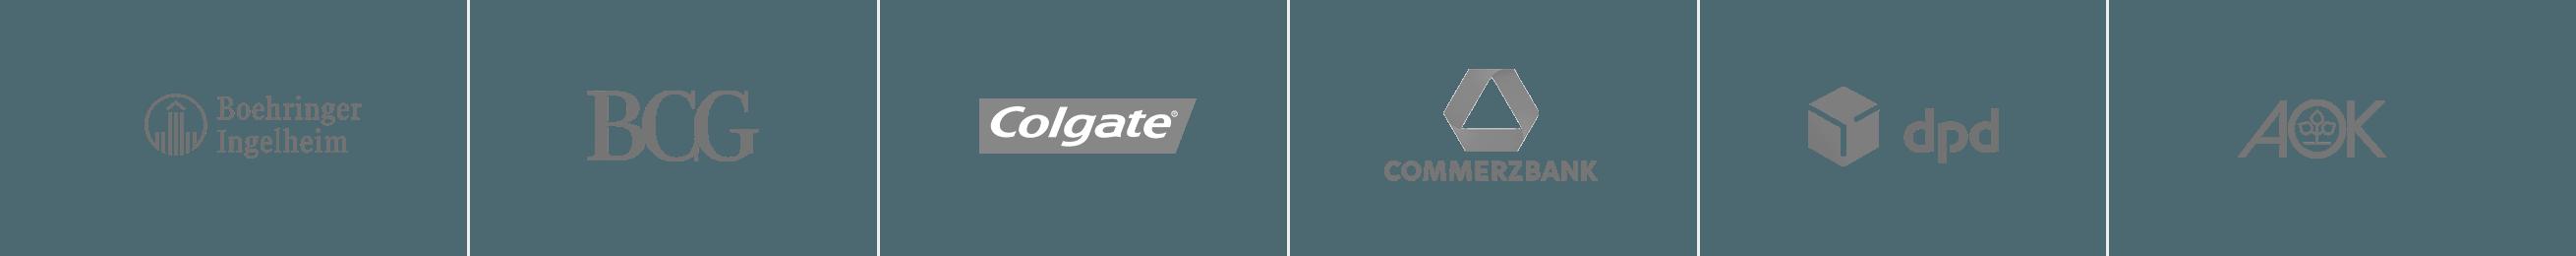 Filmproduktion-Frankfurt-Logos-001